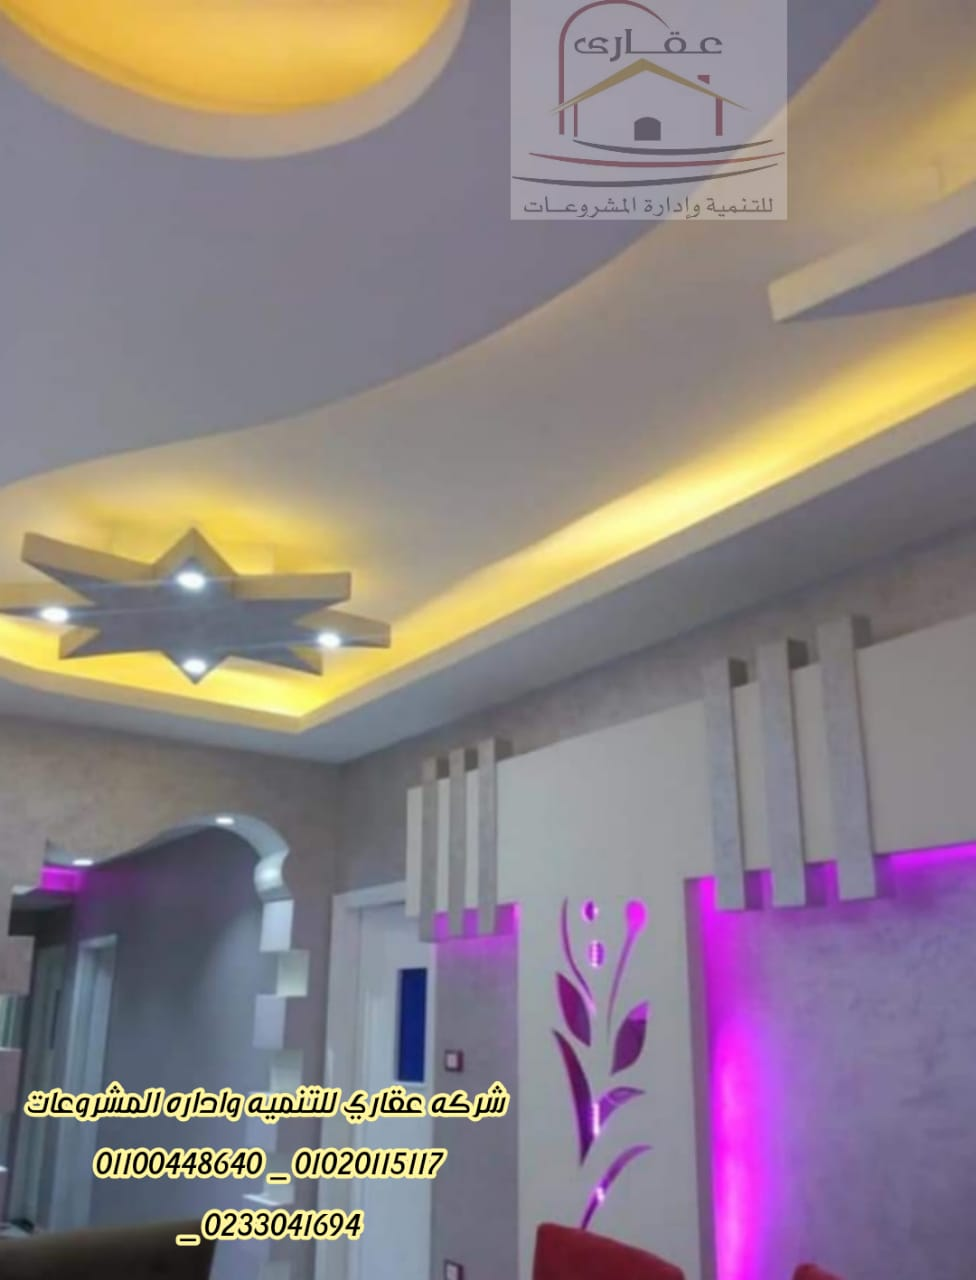 شركة تشطيبات فى القاهرة - شركة تشطيبات ( شركة عقارى 01020115117 ) 560293339